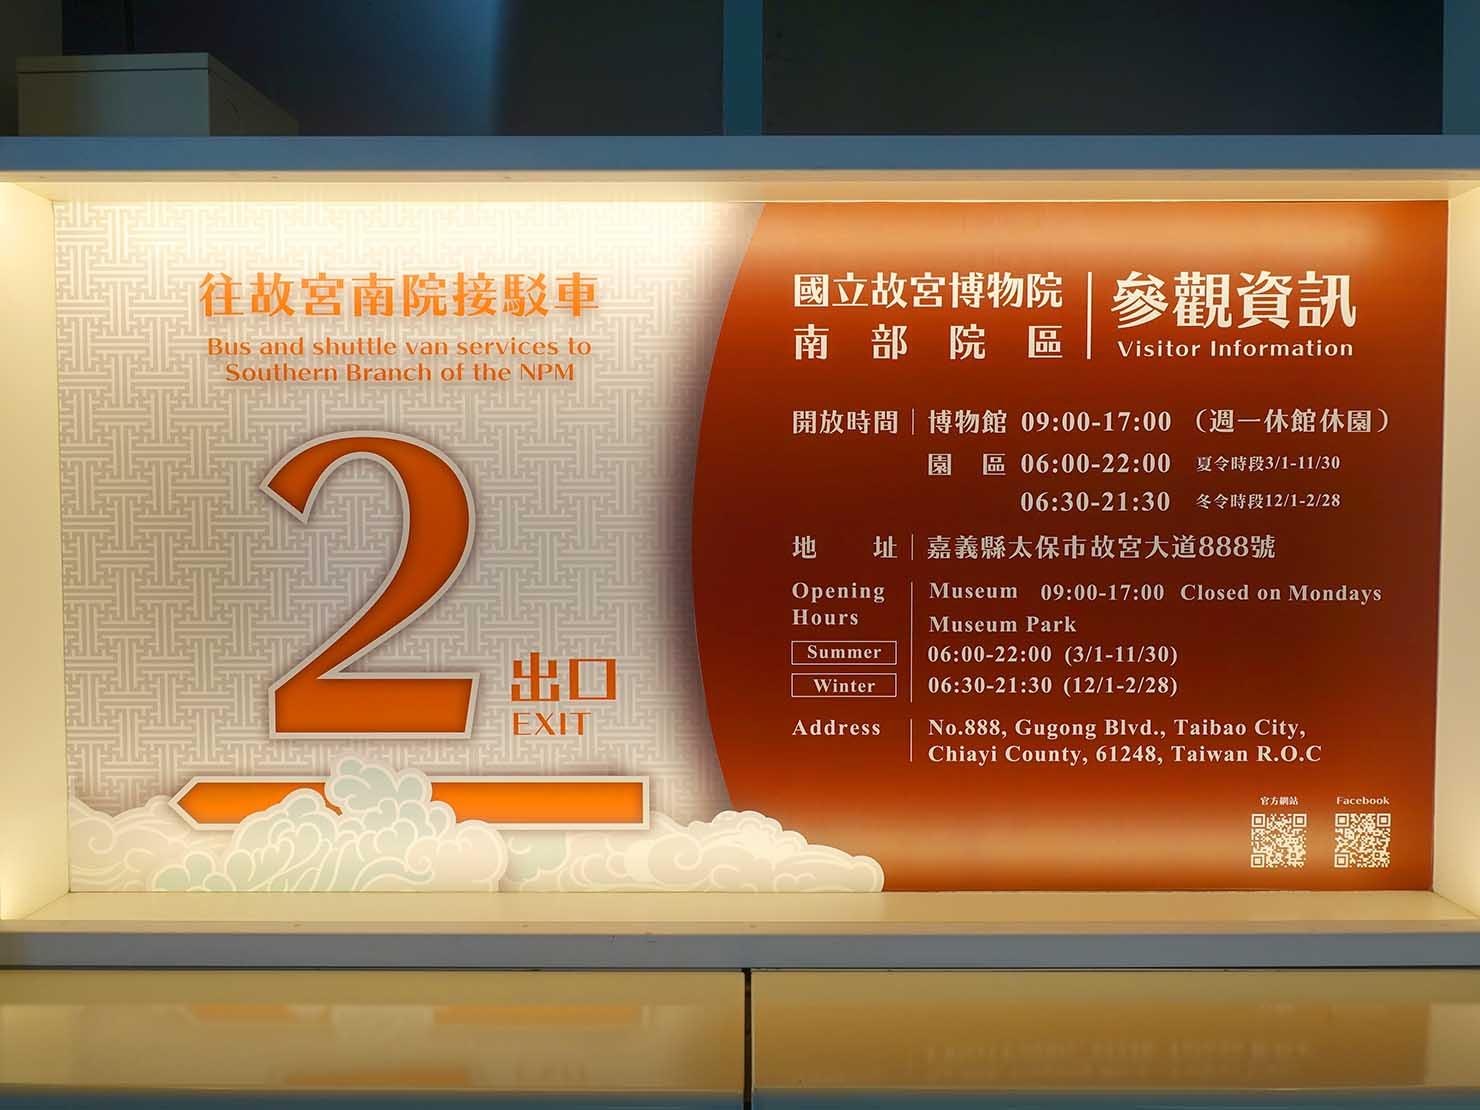 高鐵(台湾新幹線)嘉義駅に貼られた故宮南院への案内ポスター